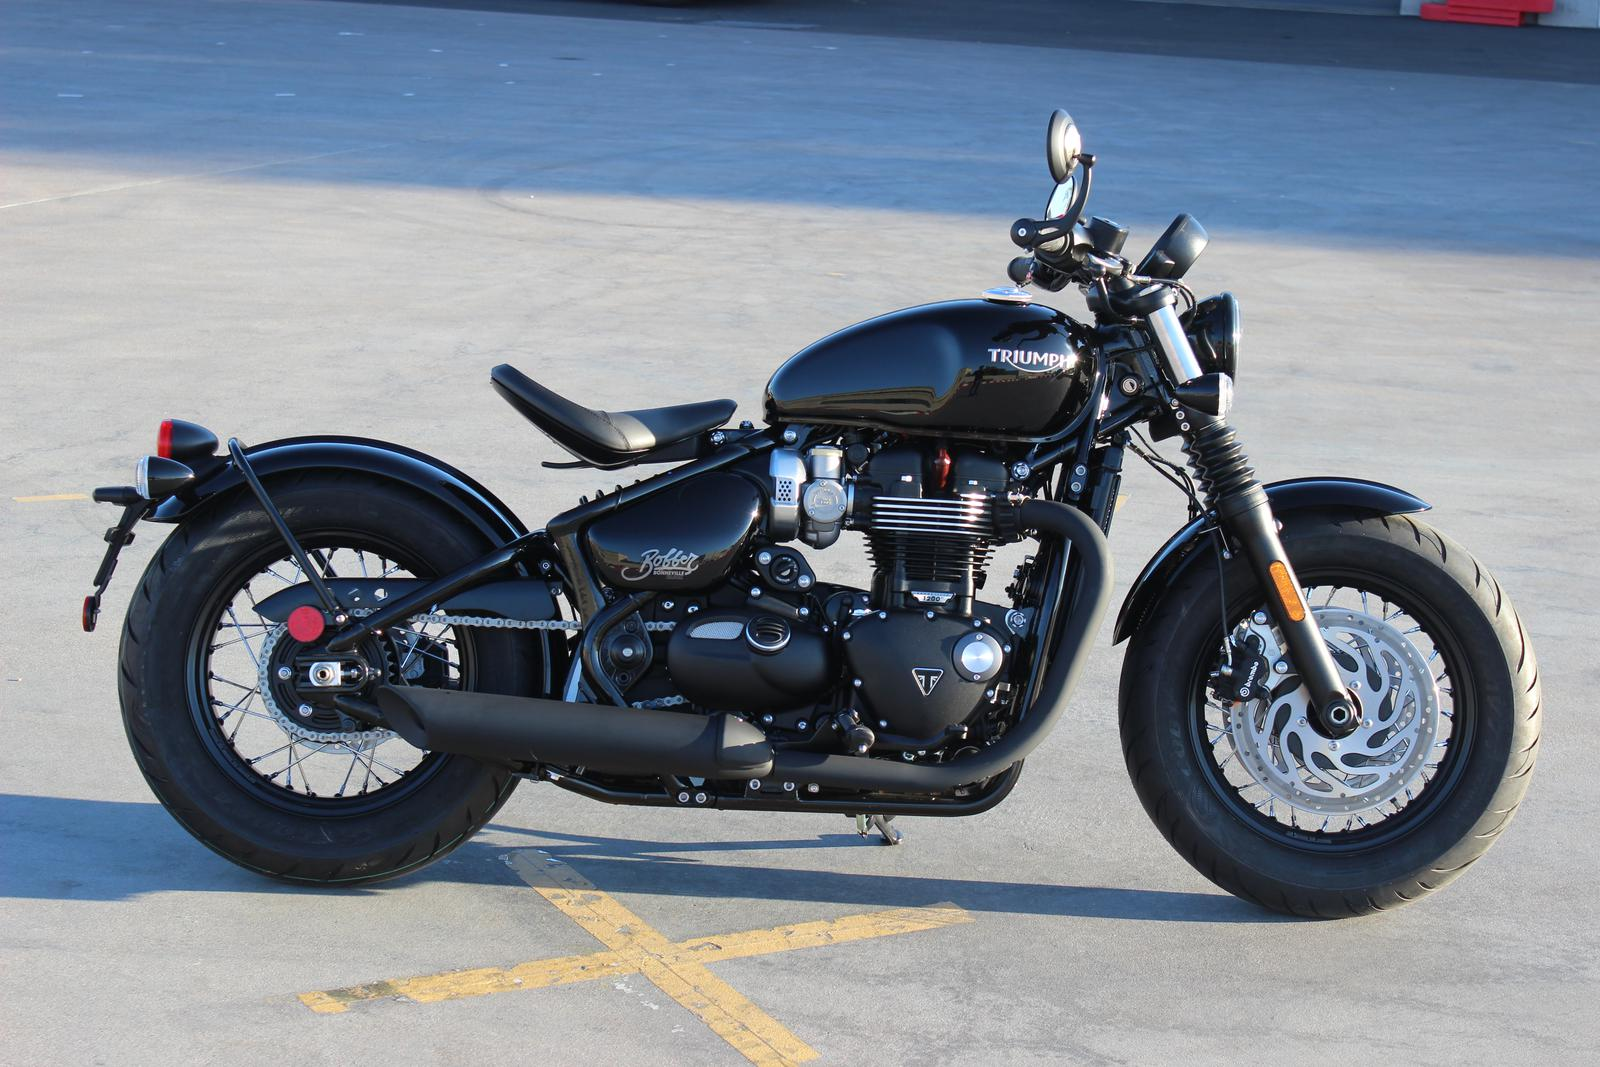 2018 Triumph Bonneville Bobber Black For Sale In Scottsdale Az Go